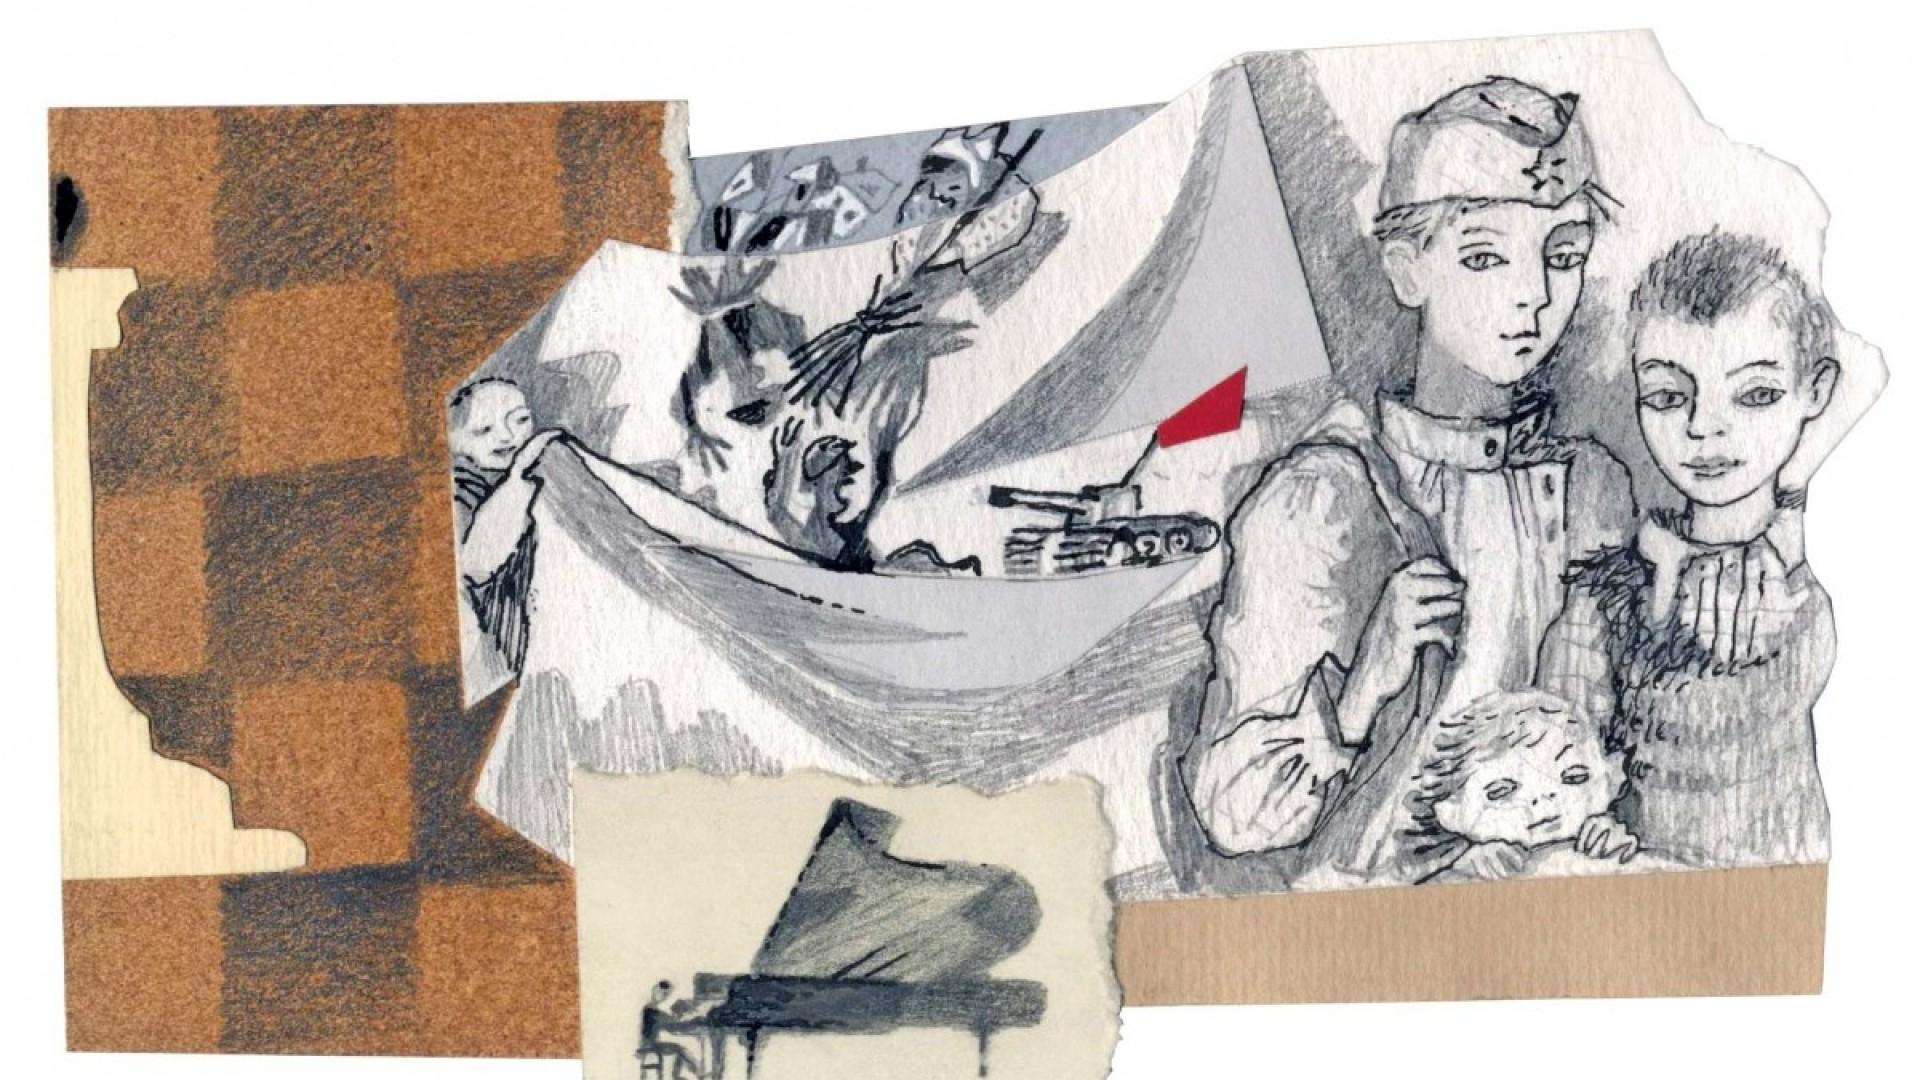 Писатель Татьяна Кудрявцева: «Моя книга — не про войну, она — про жизнь тех, чьё детство опалила война»